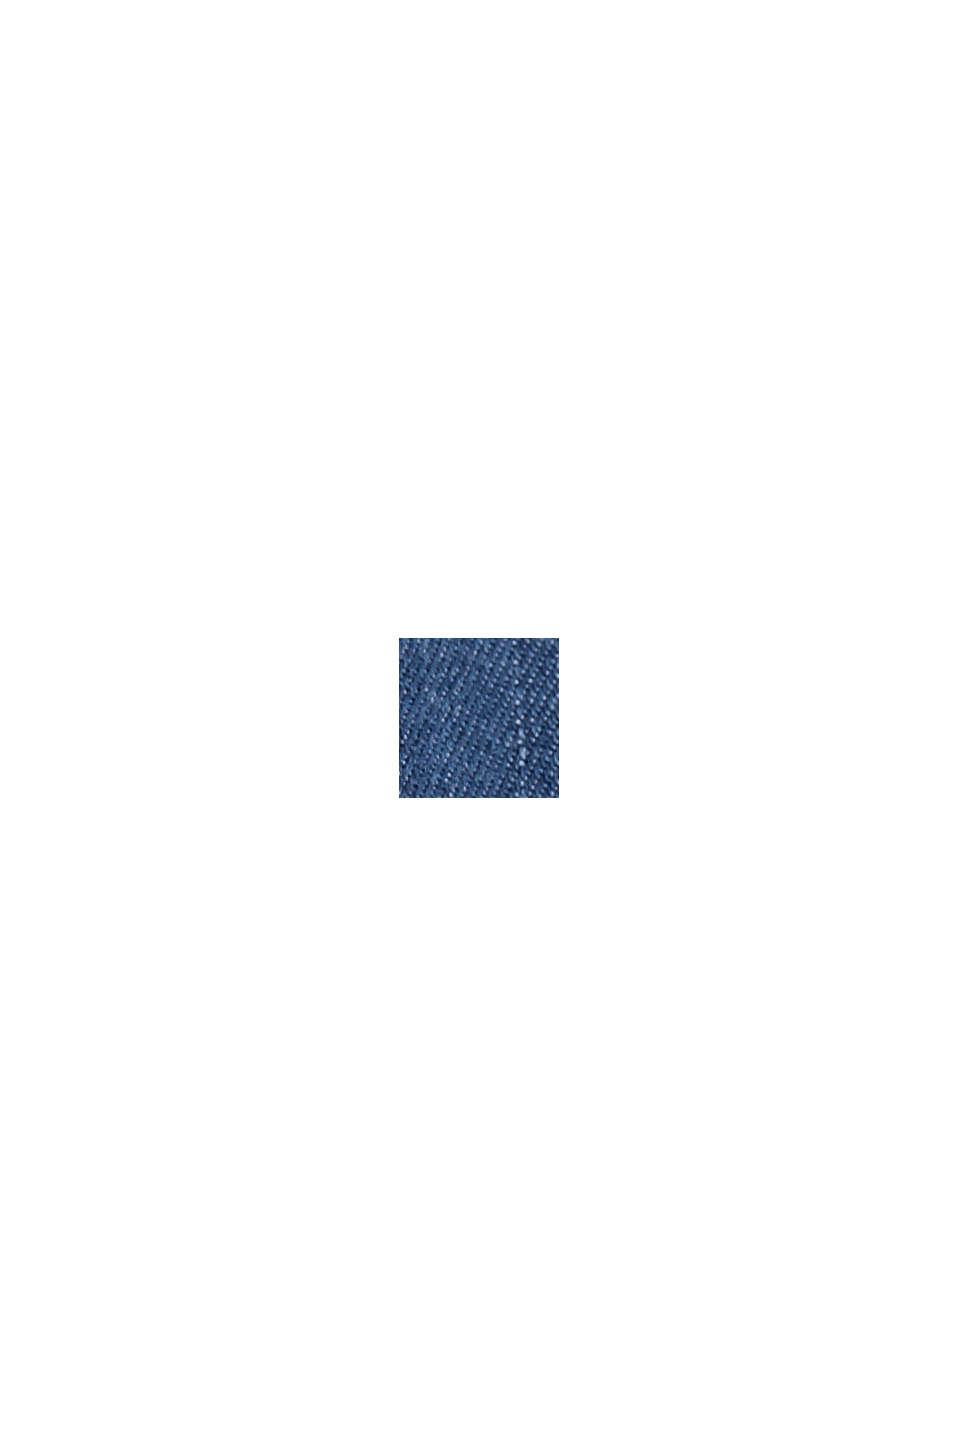 Aus TENCEL™/Bio-Baumwolle: weite Jeans-Hose, BLUE MEDIUM WASHED, swatch